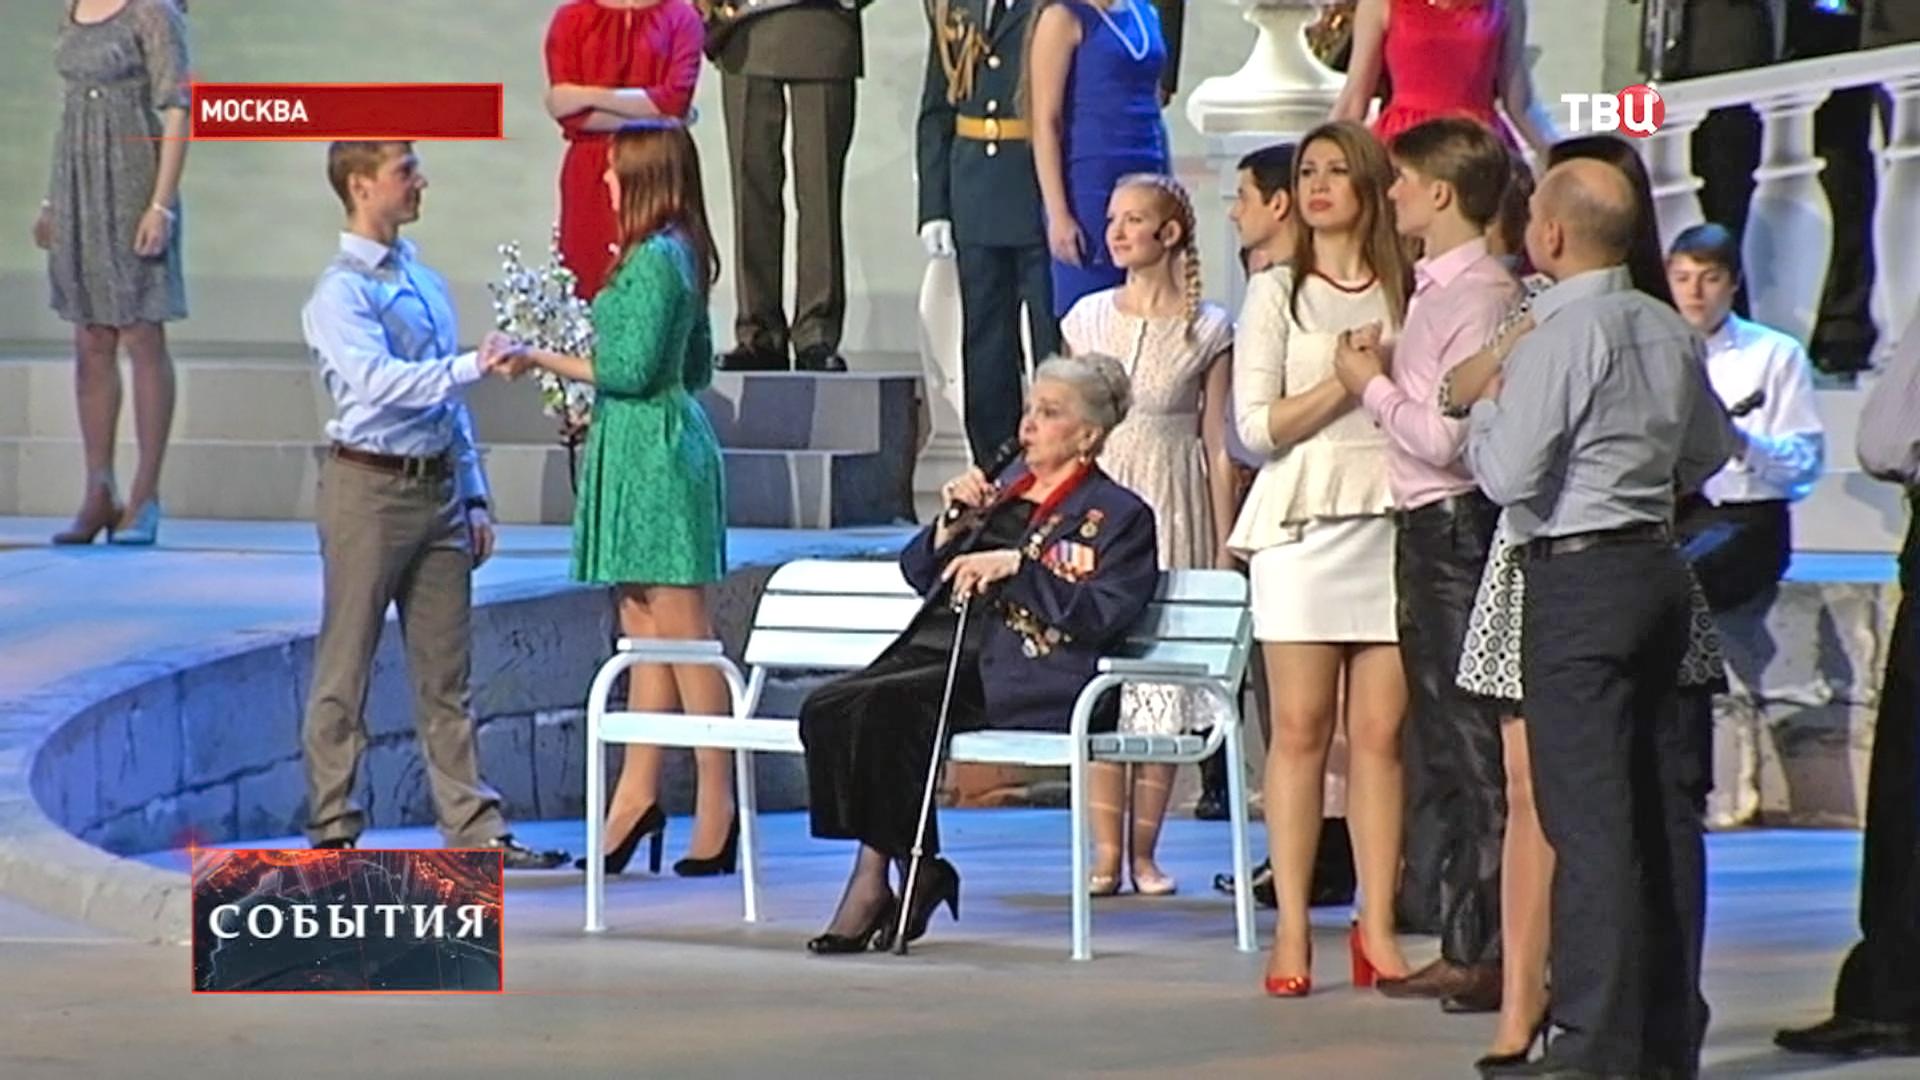 Народная артистка советского союза Элина Быстрицкая